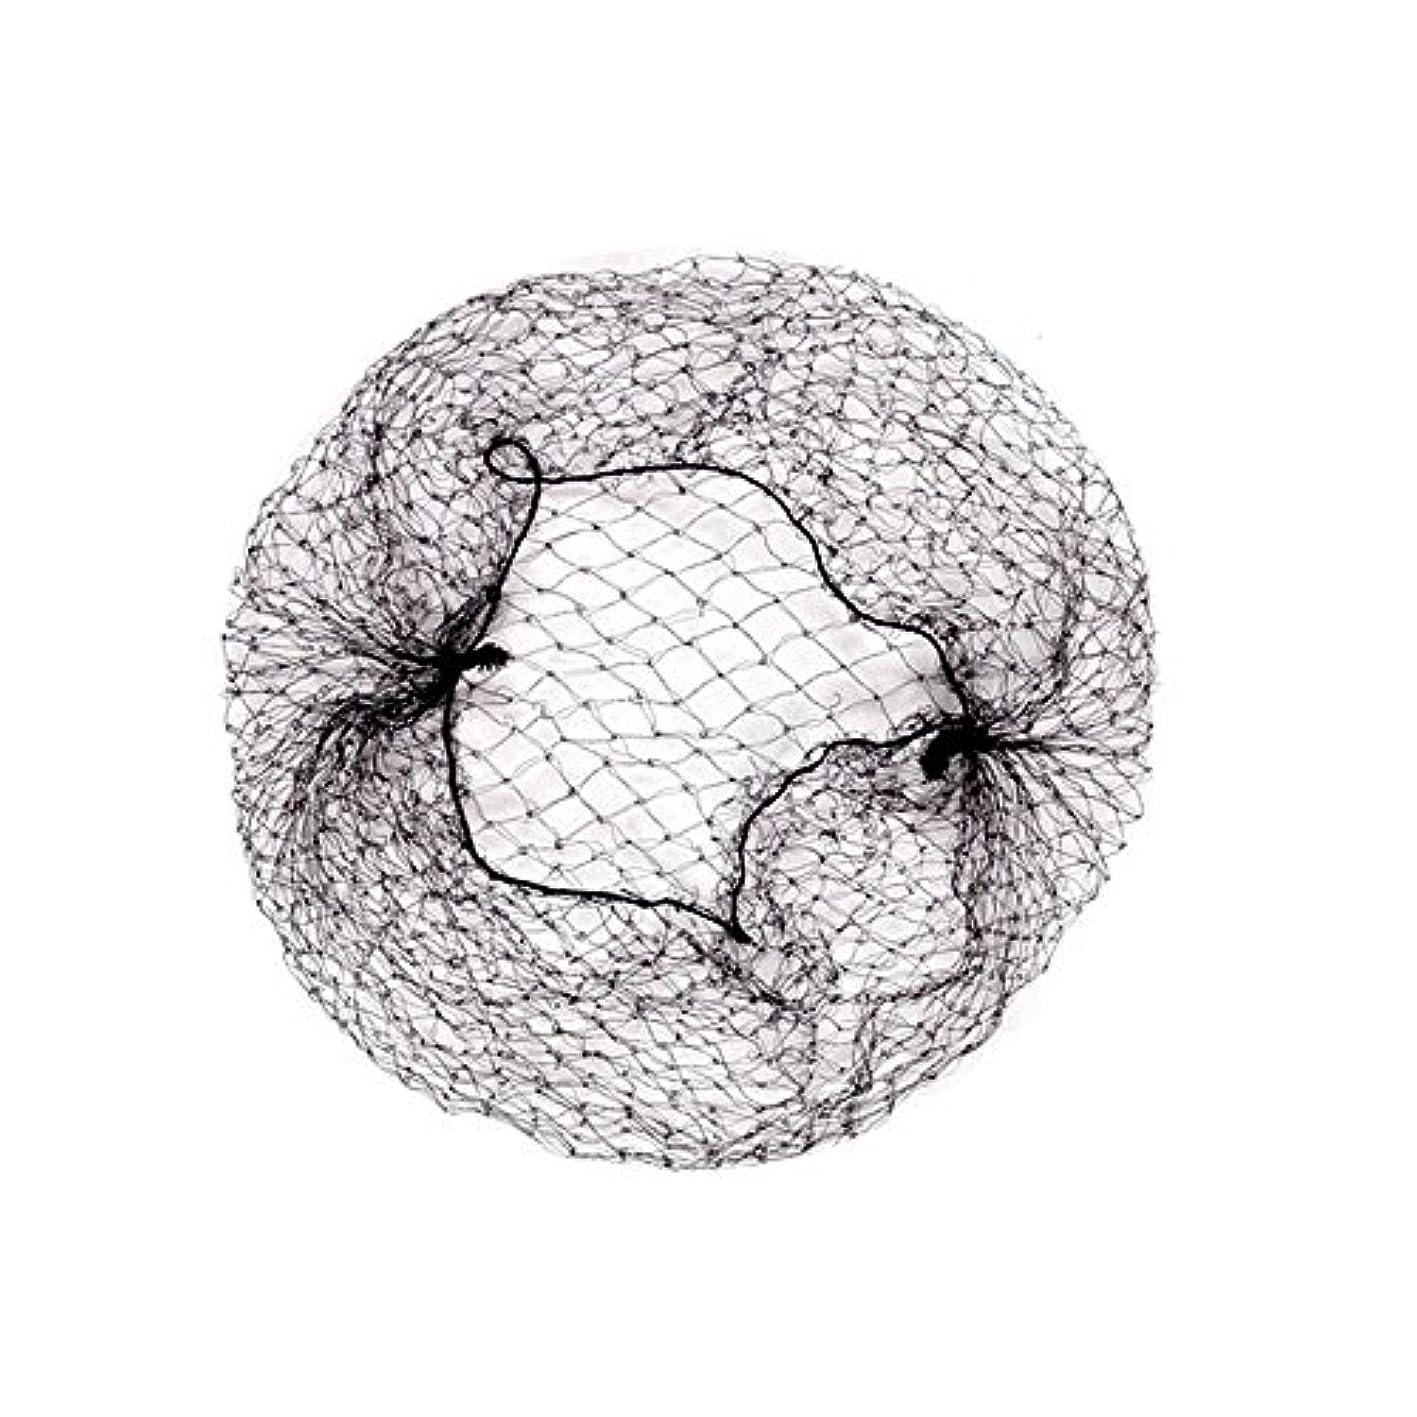 再生火銀河髪束ねネットセット(アシアナネット) ファッション小物 60枚セット